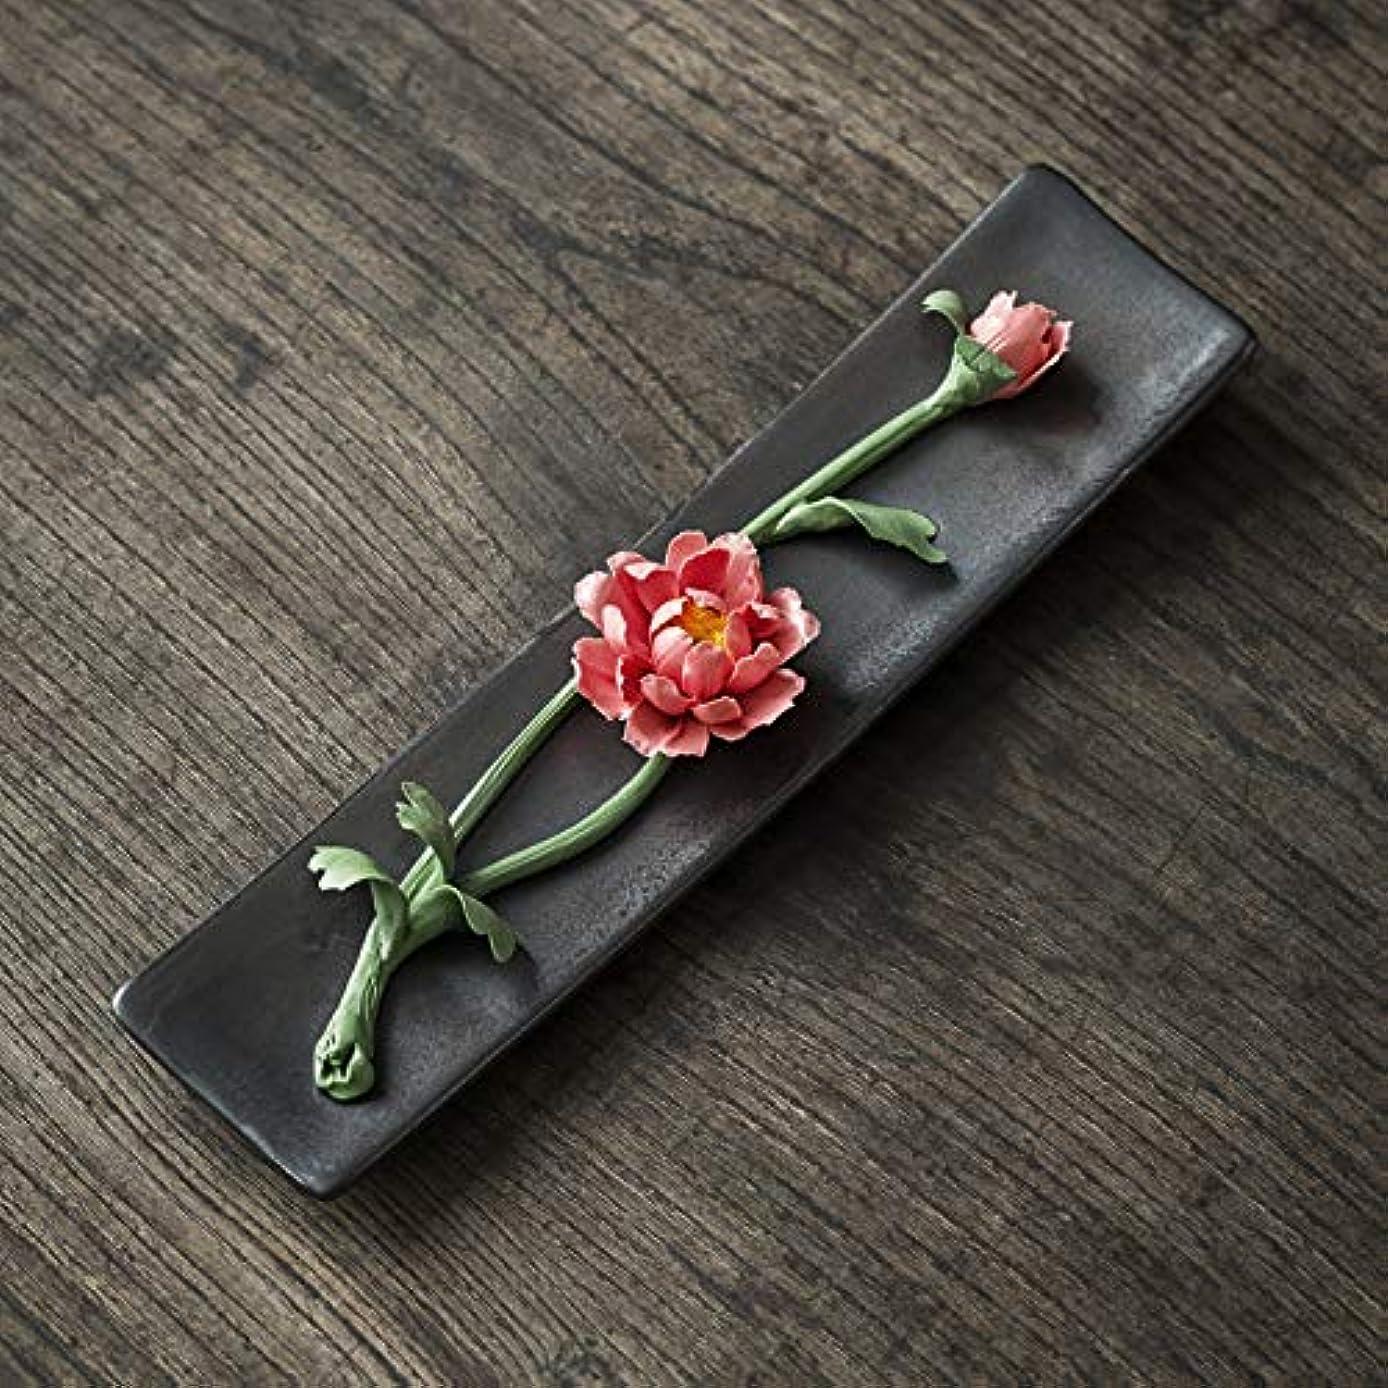 石鹸故意に尊厳線香または線香、ススコレクターまたは絶縁ロッドホルダー線香バーナーL/W/H 26 / 5.7 / 1.6(cm)